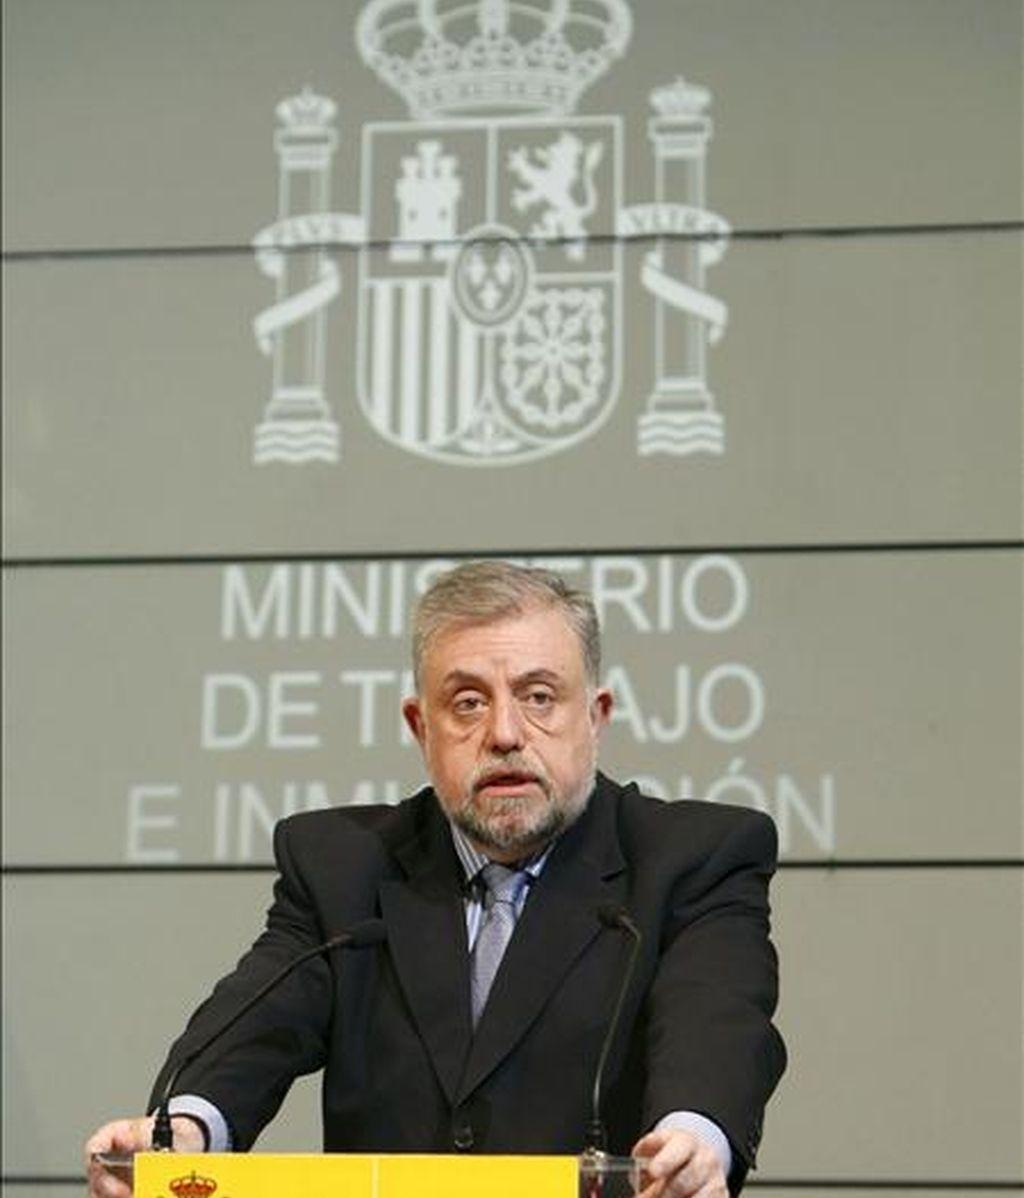 El secretario de Estado de la Seguridad Social, Octavio Granado. EFE/Archivo